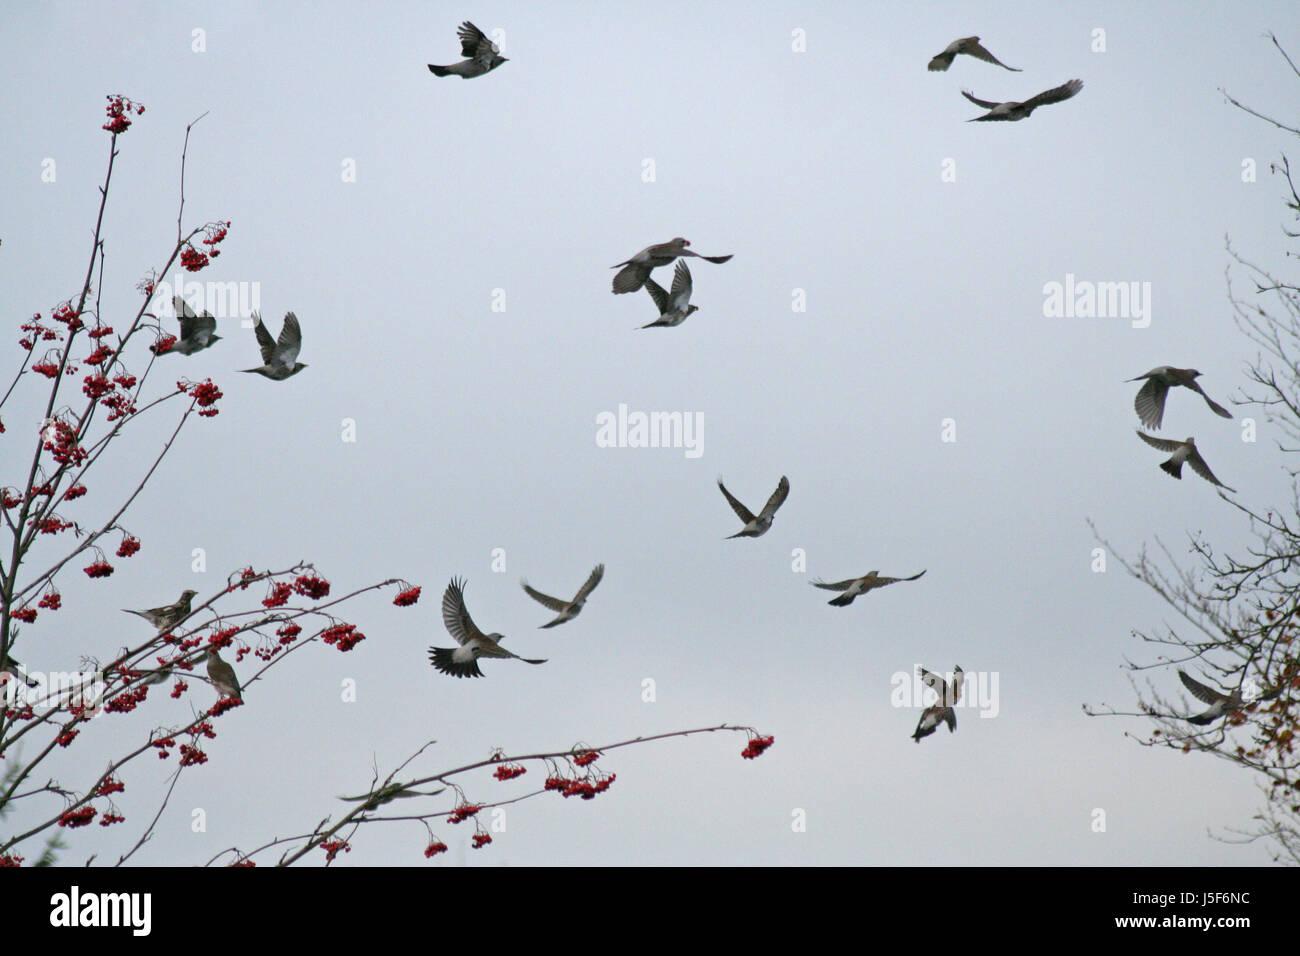 Oiseaux Oiseaux brunâtre brun brunette résine aile europe visiter rowan berries tirer Banque D'Images